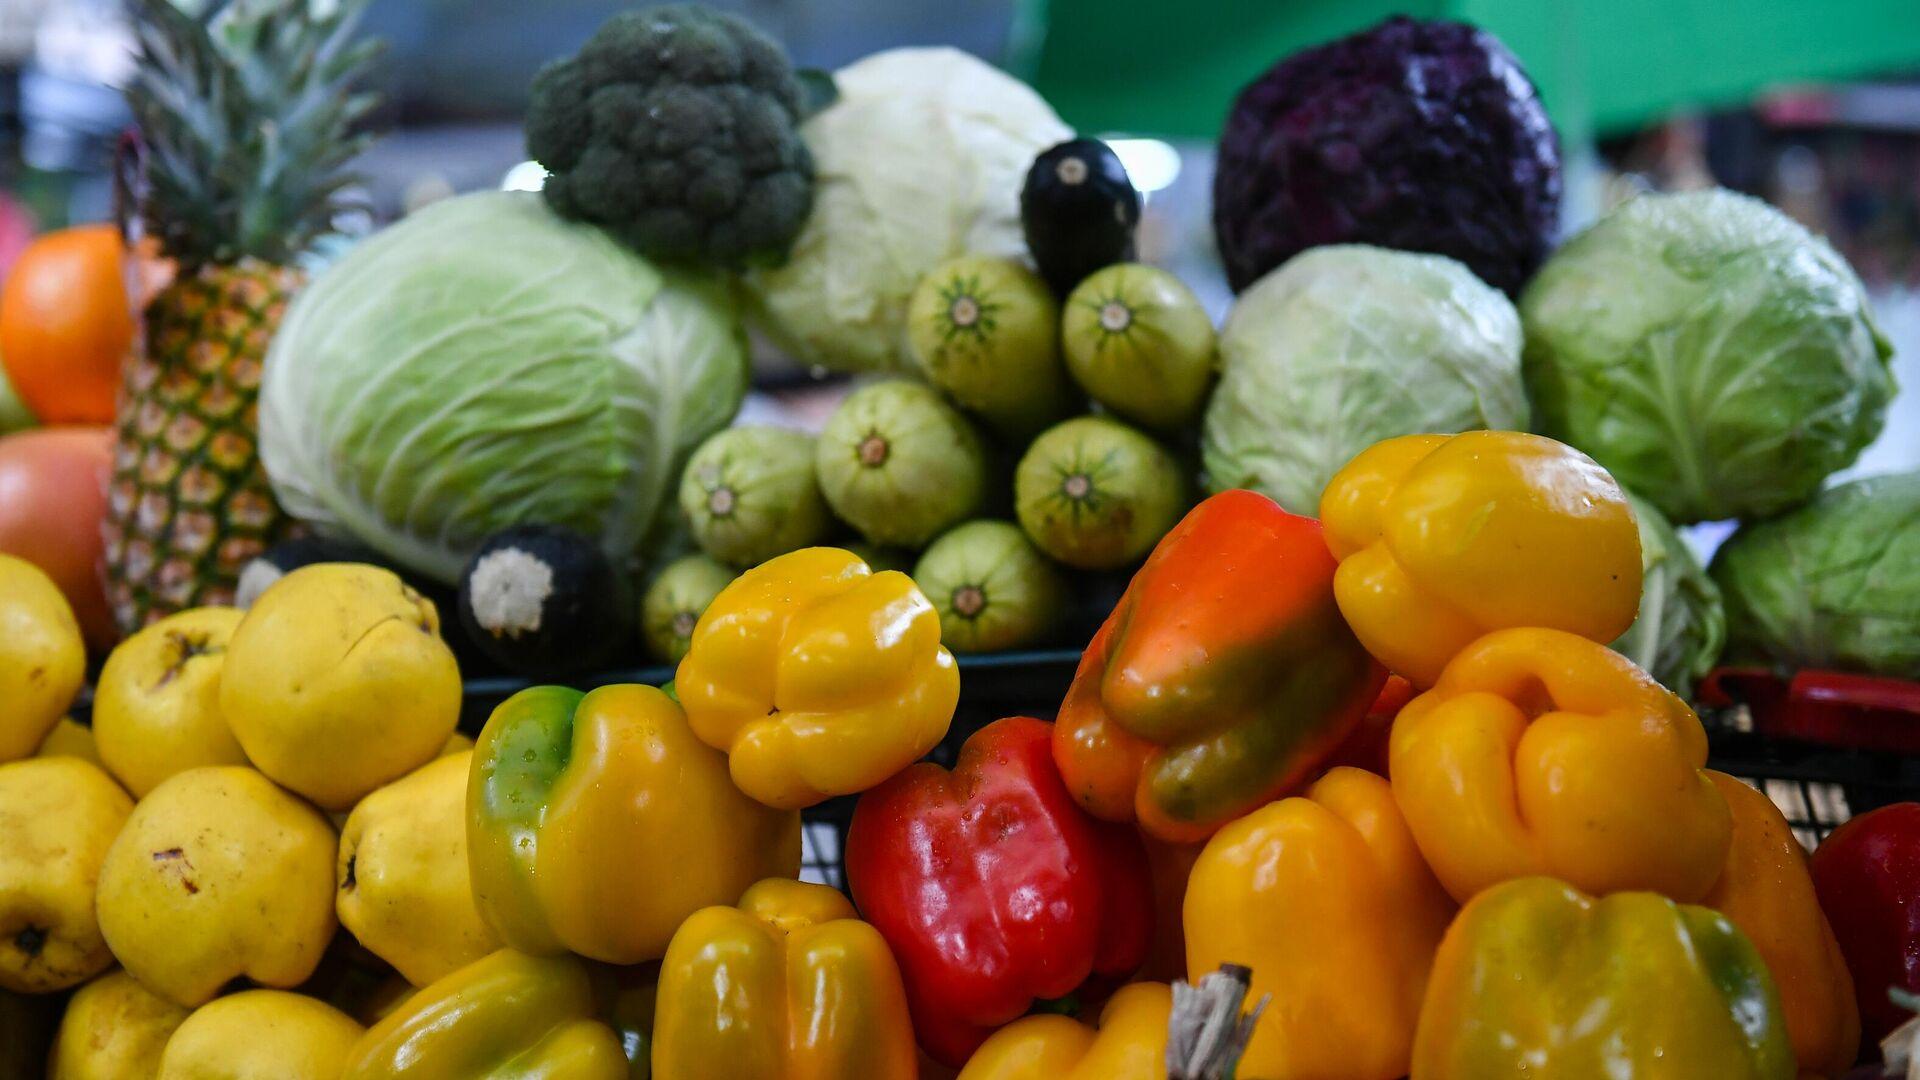 Продажа овощей и фруктов на Ялтинском овощном рынке - РИА Новости, 1920, 03.04.2021